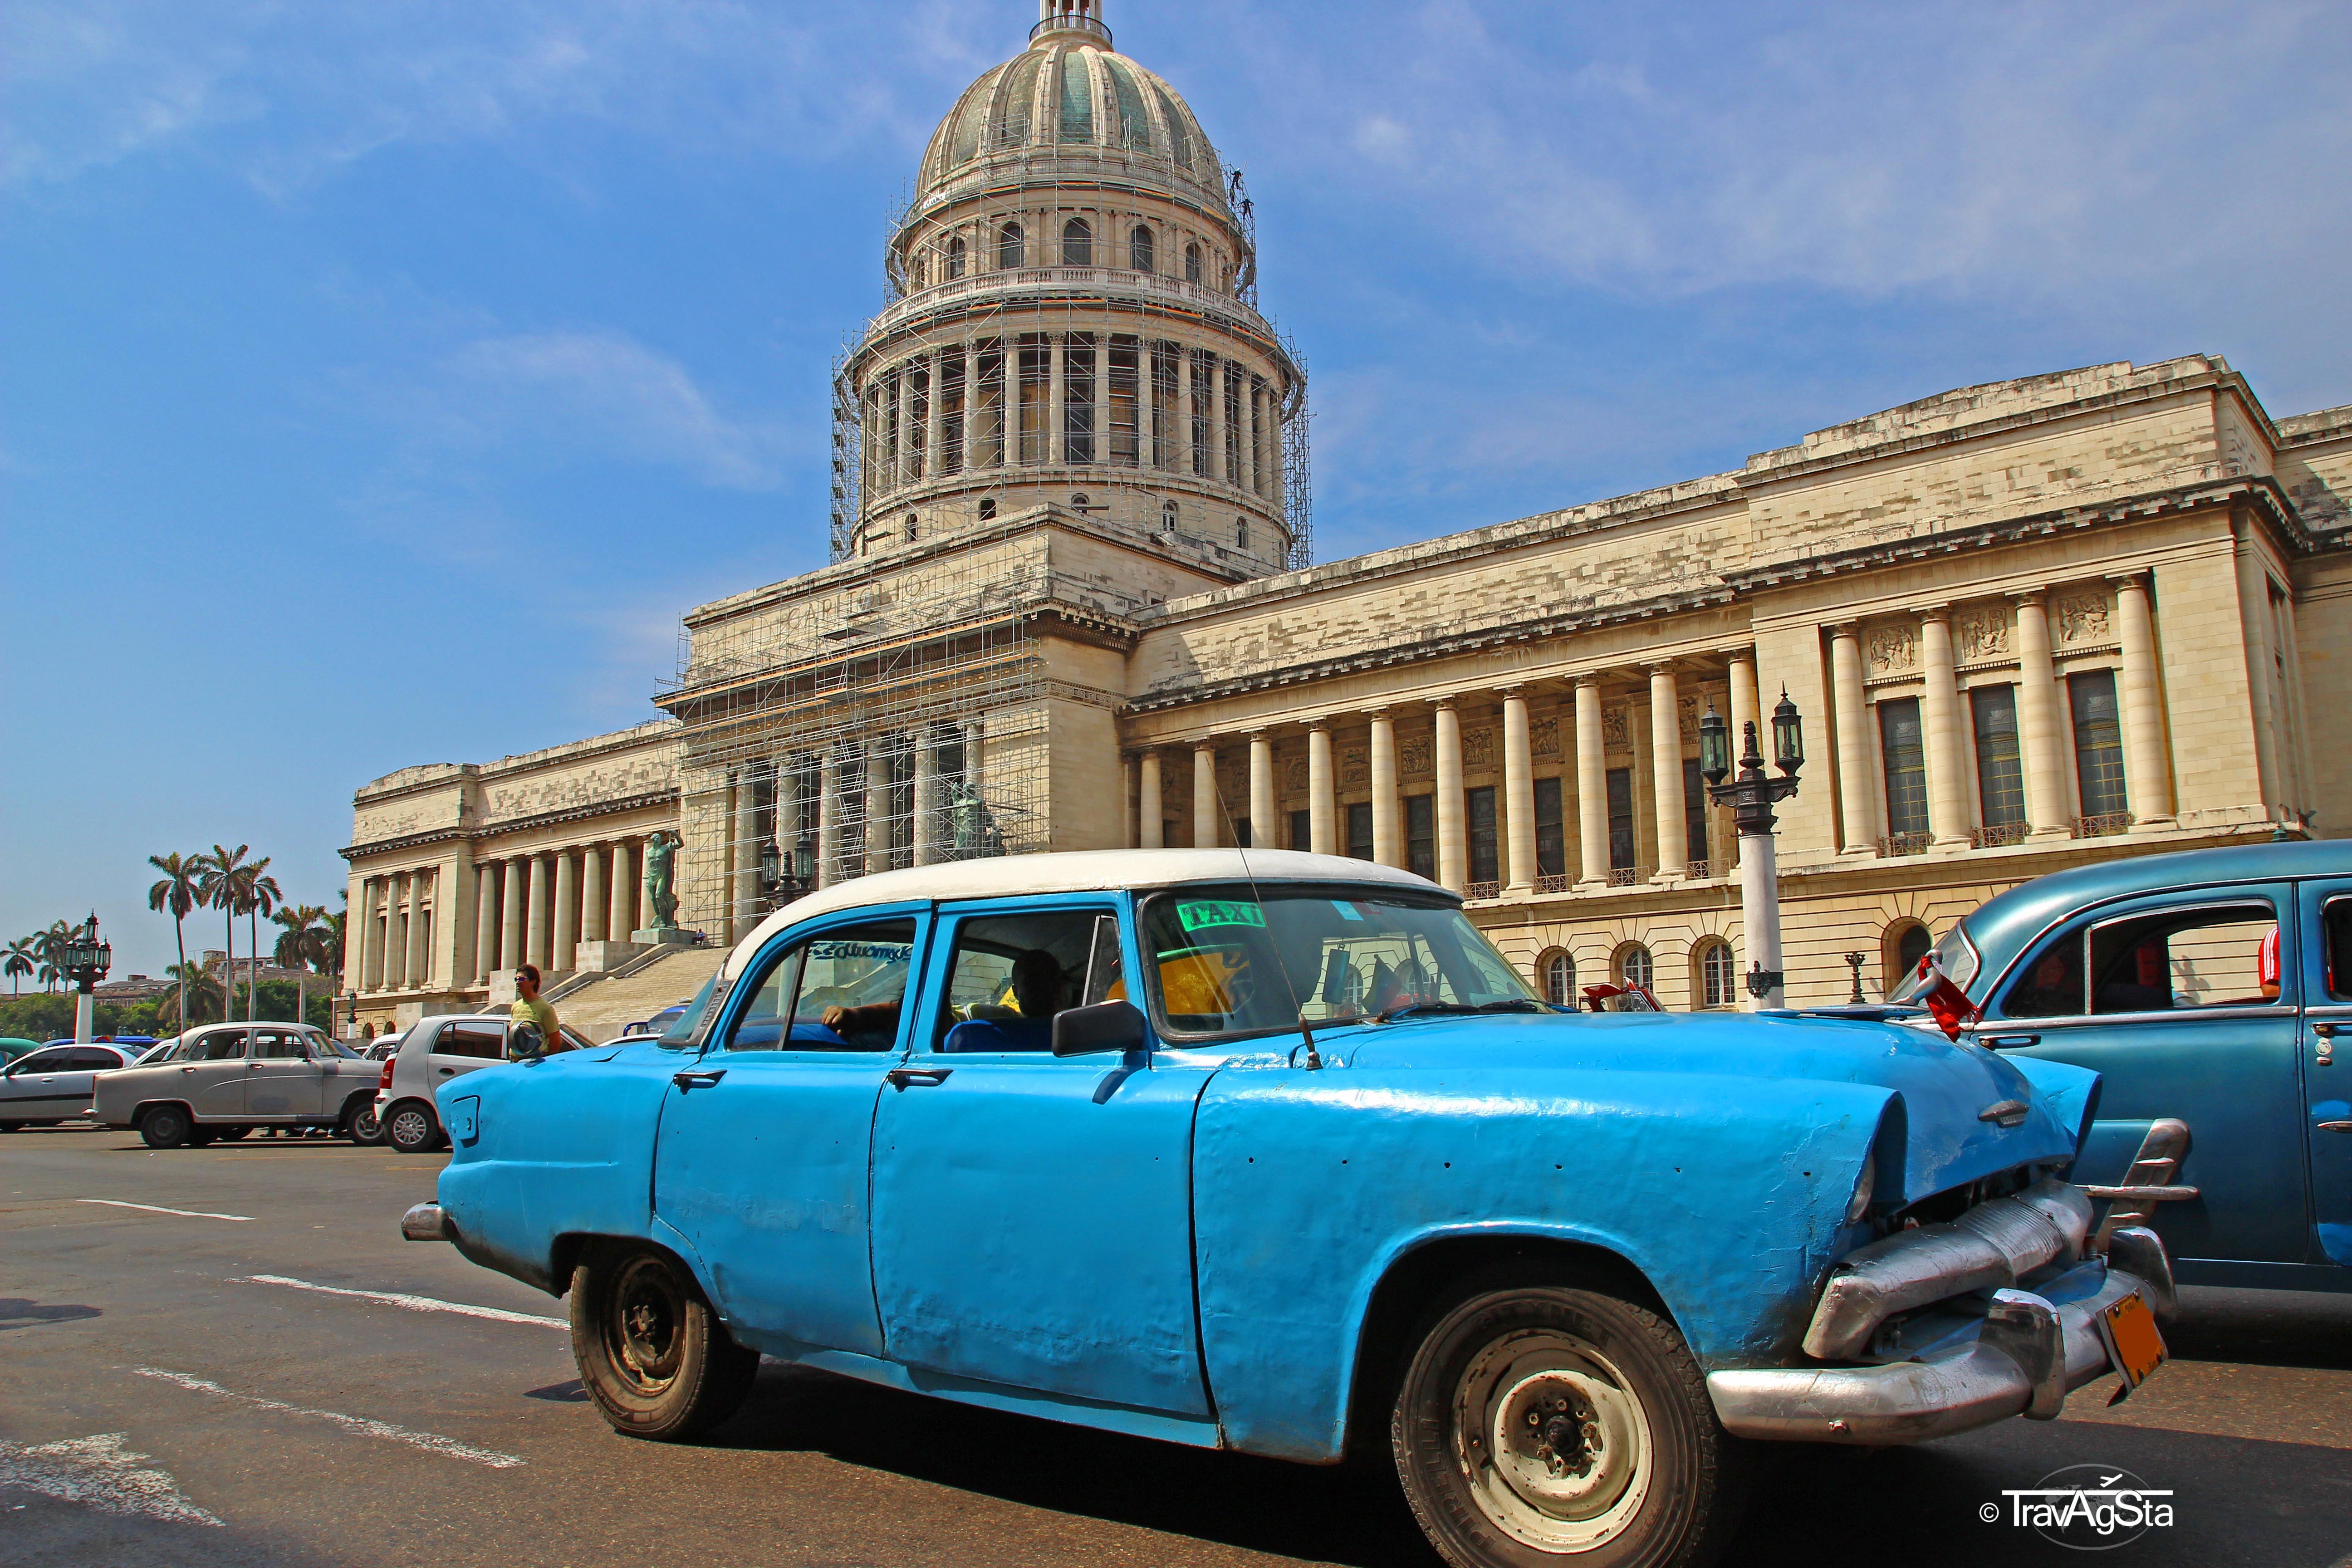 Kuba in Oldtimern entdecken – eine ganz besondere Erfahrung!